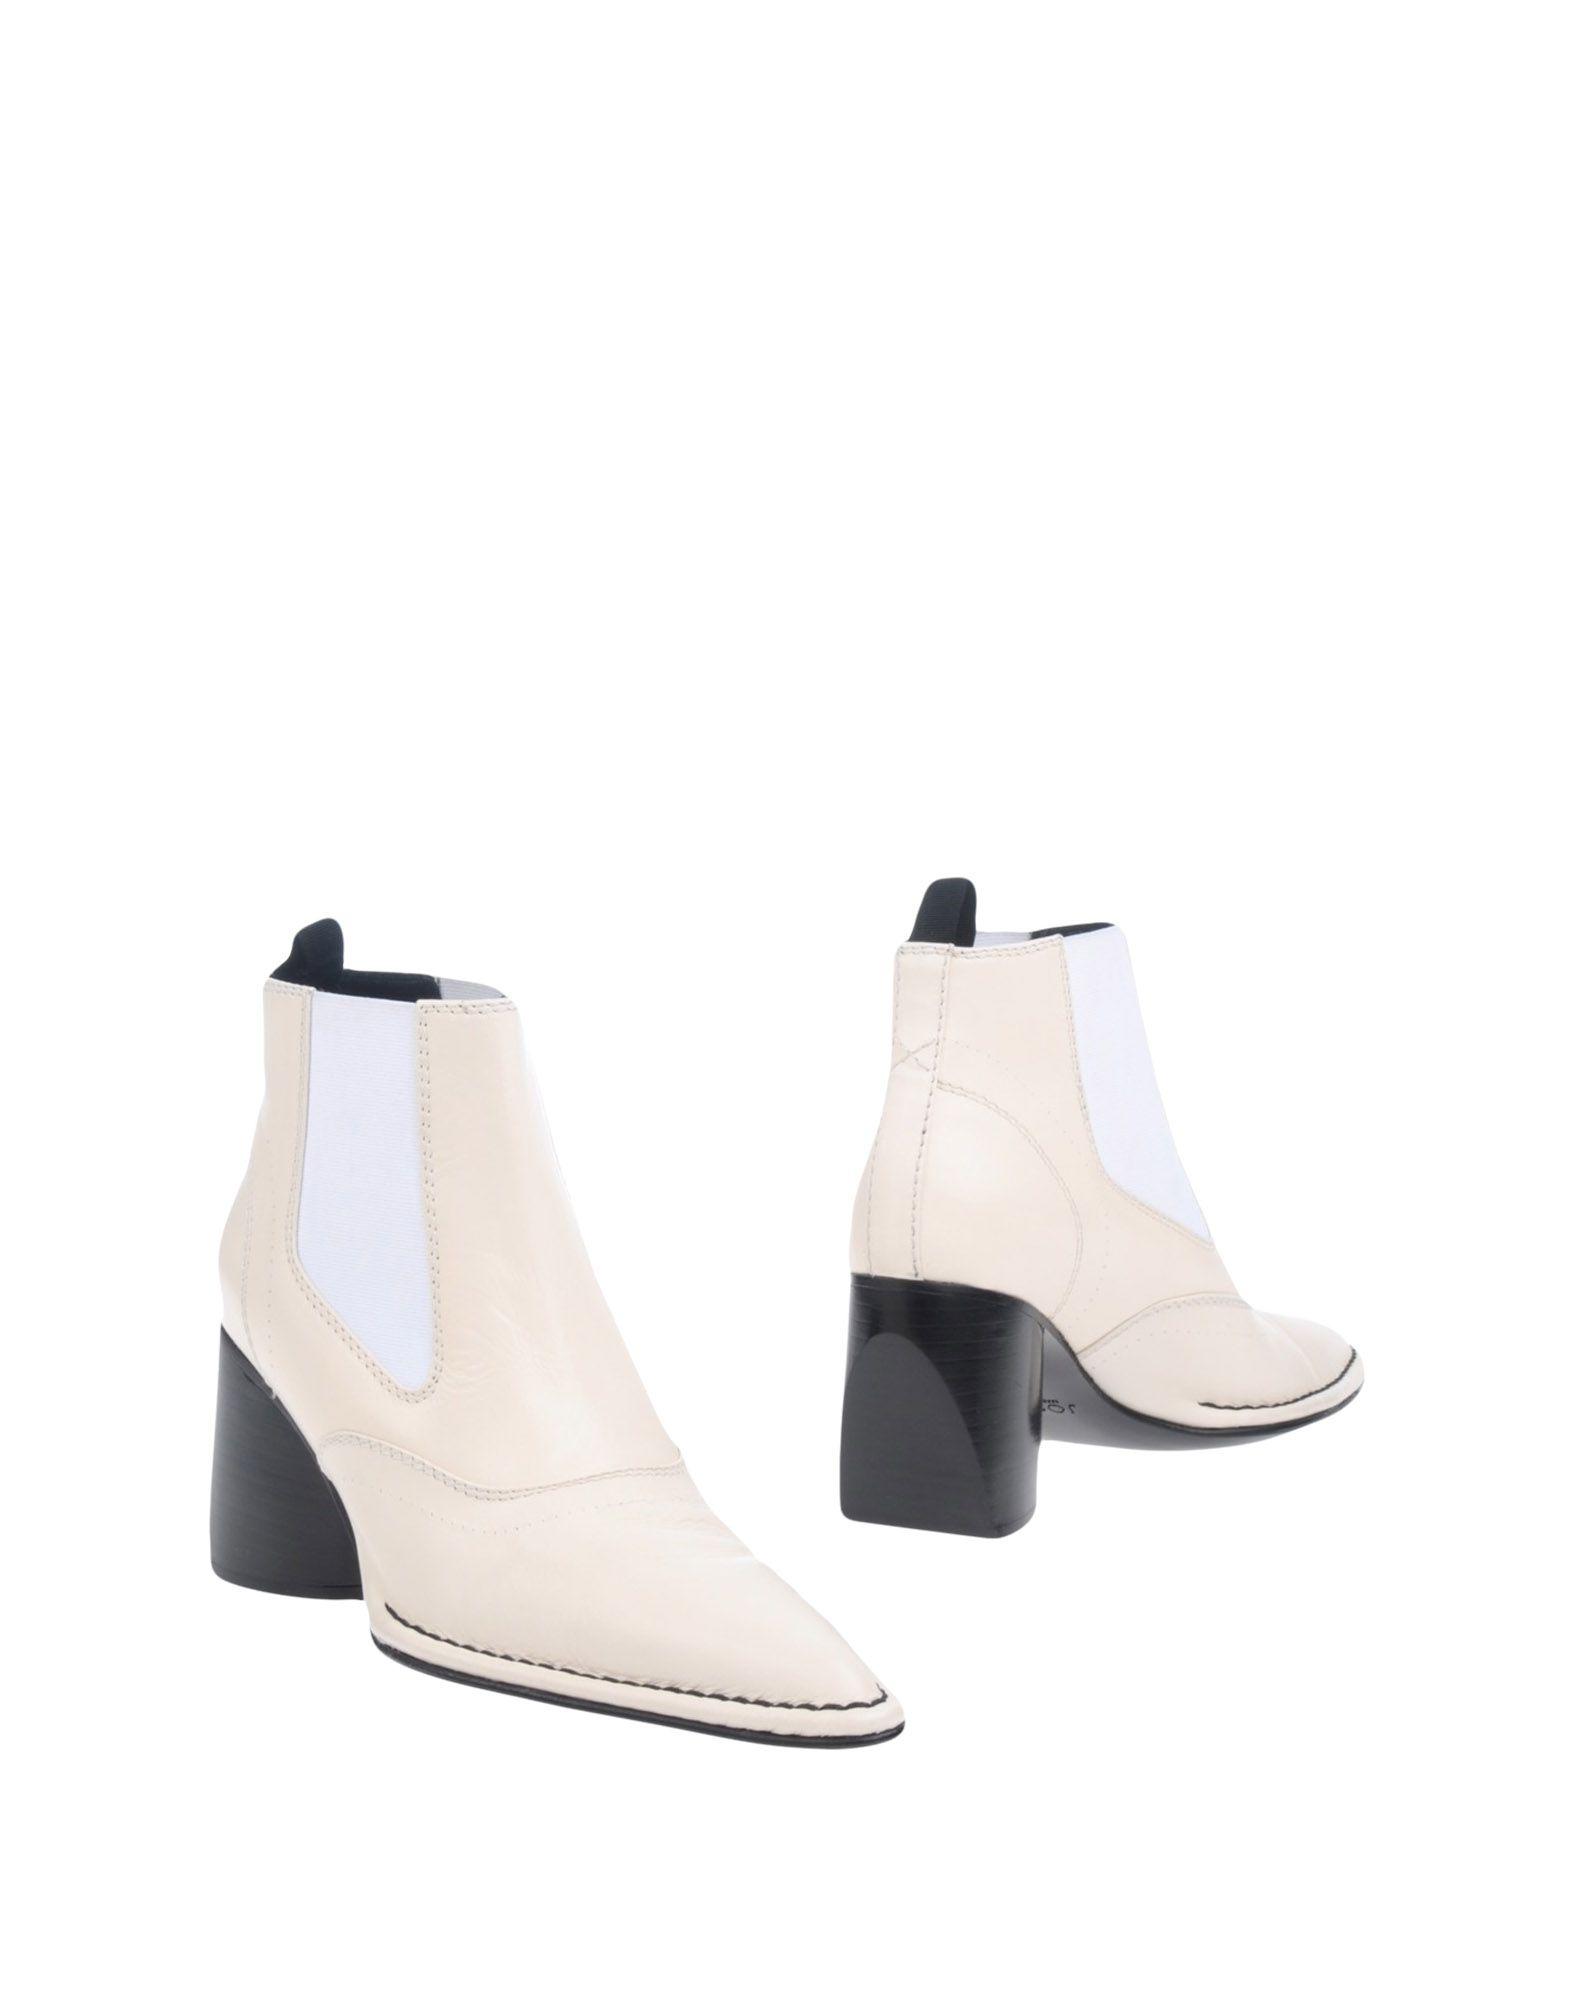 Rabatt Schuhe Boots Joseph Chelsea Boots Schuhe Damen  11289965JG 21508c